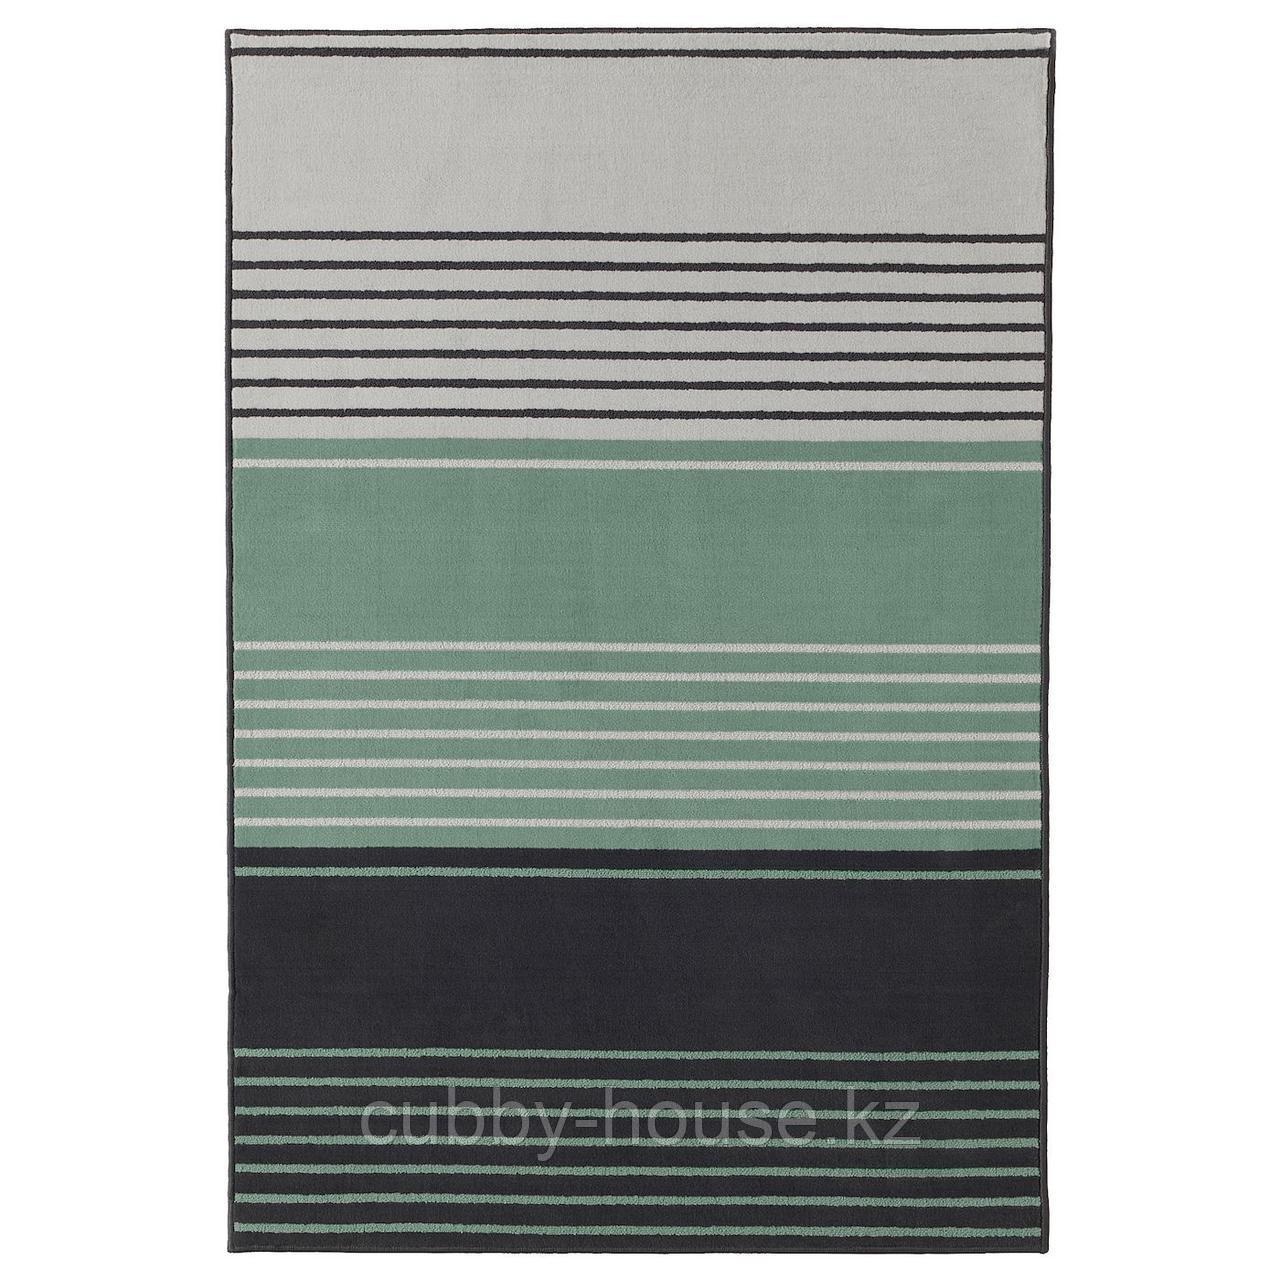 ЛУСТРУП Ковер, короткий ворс, серый, разноцветный, 120x180 см